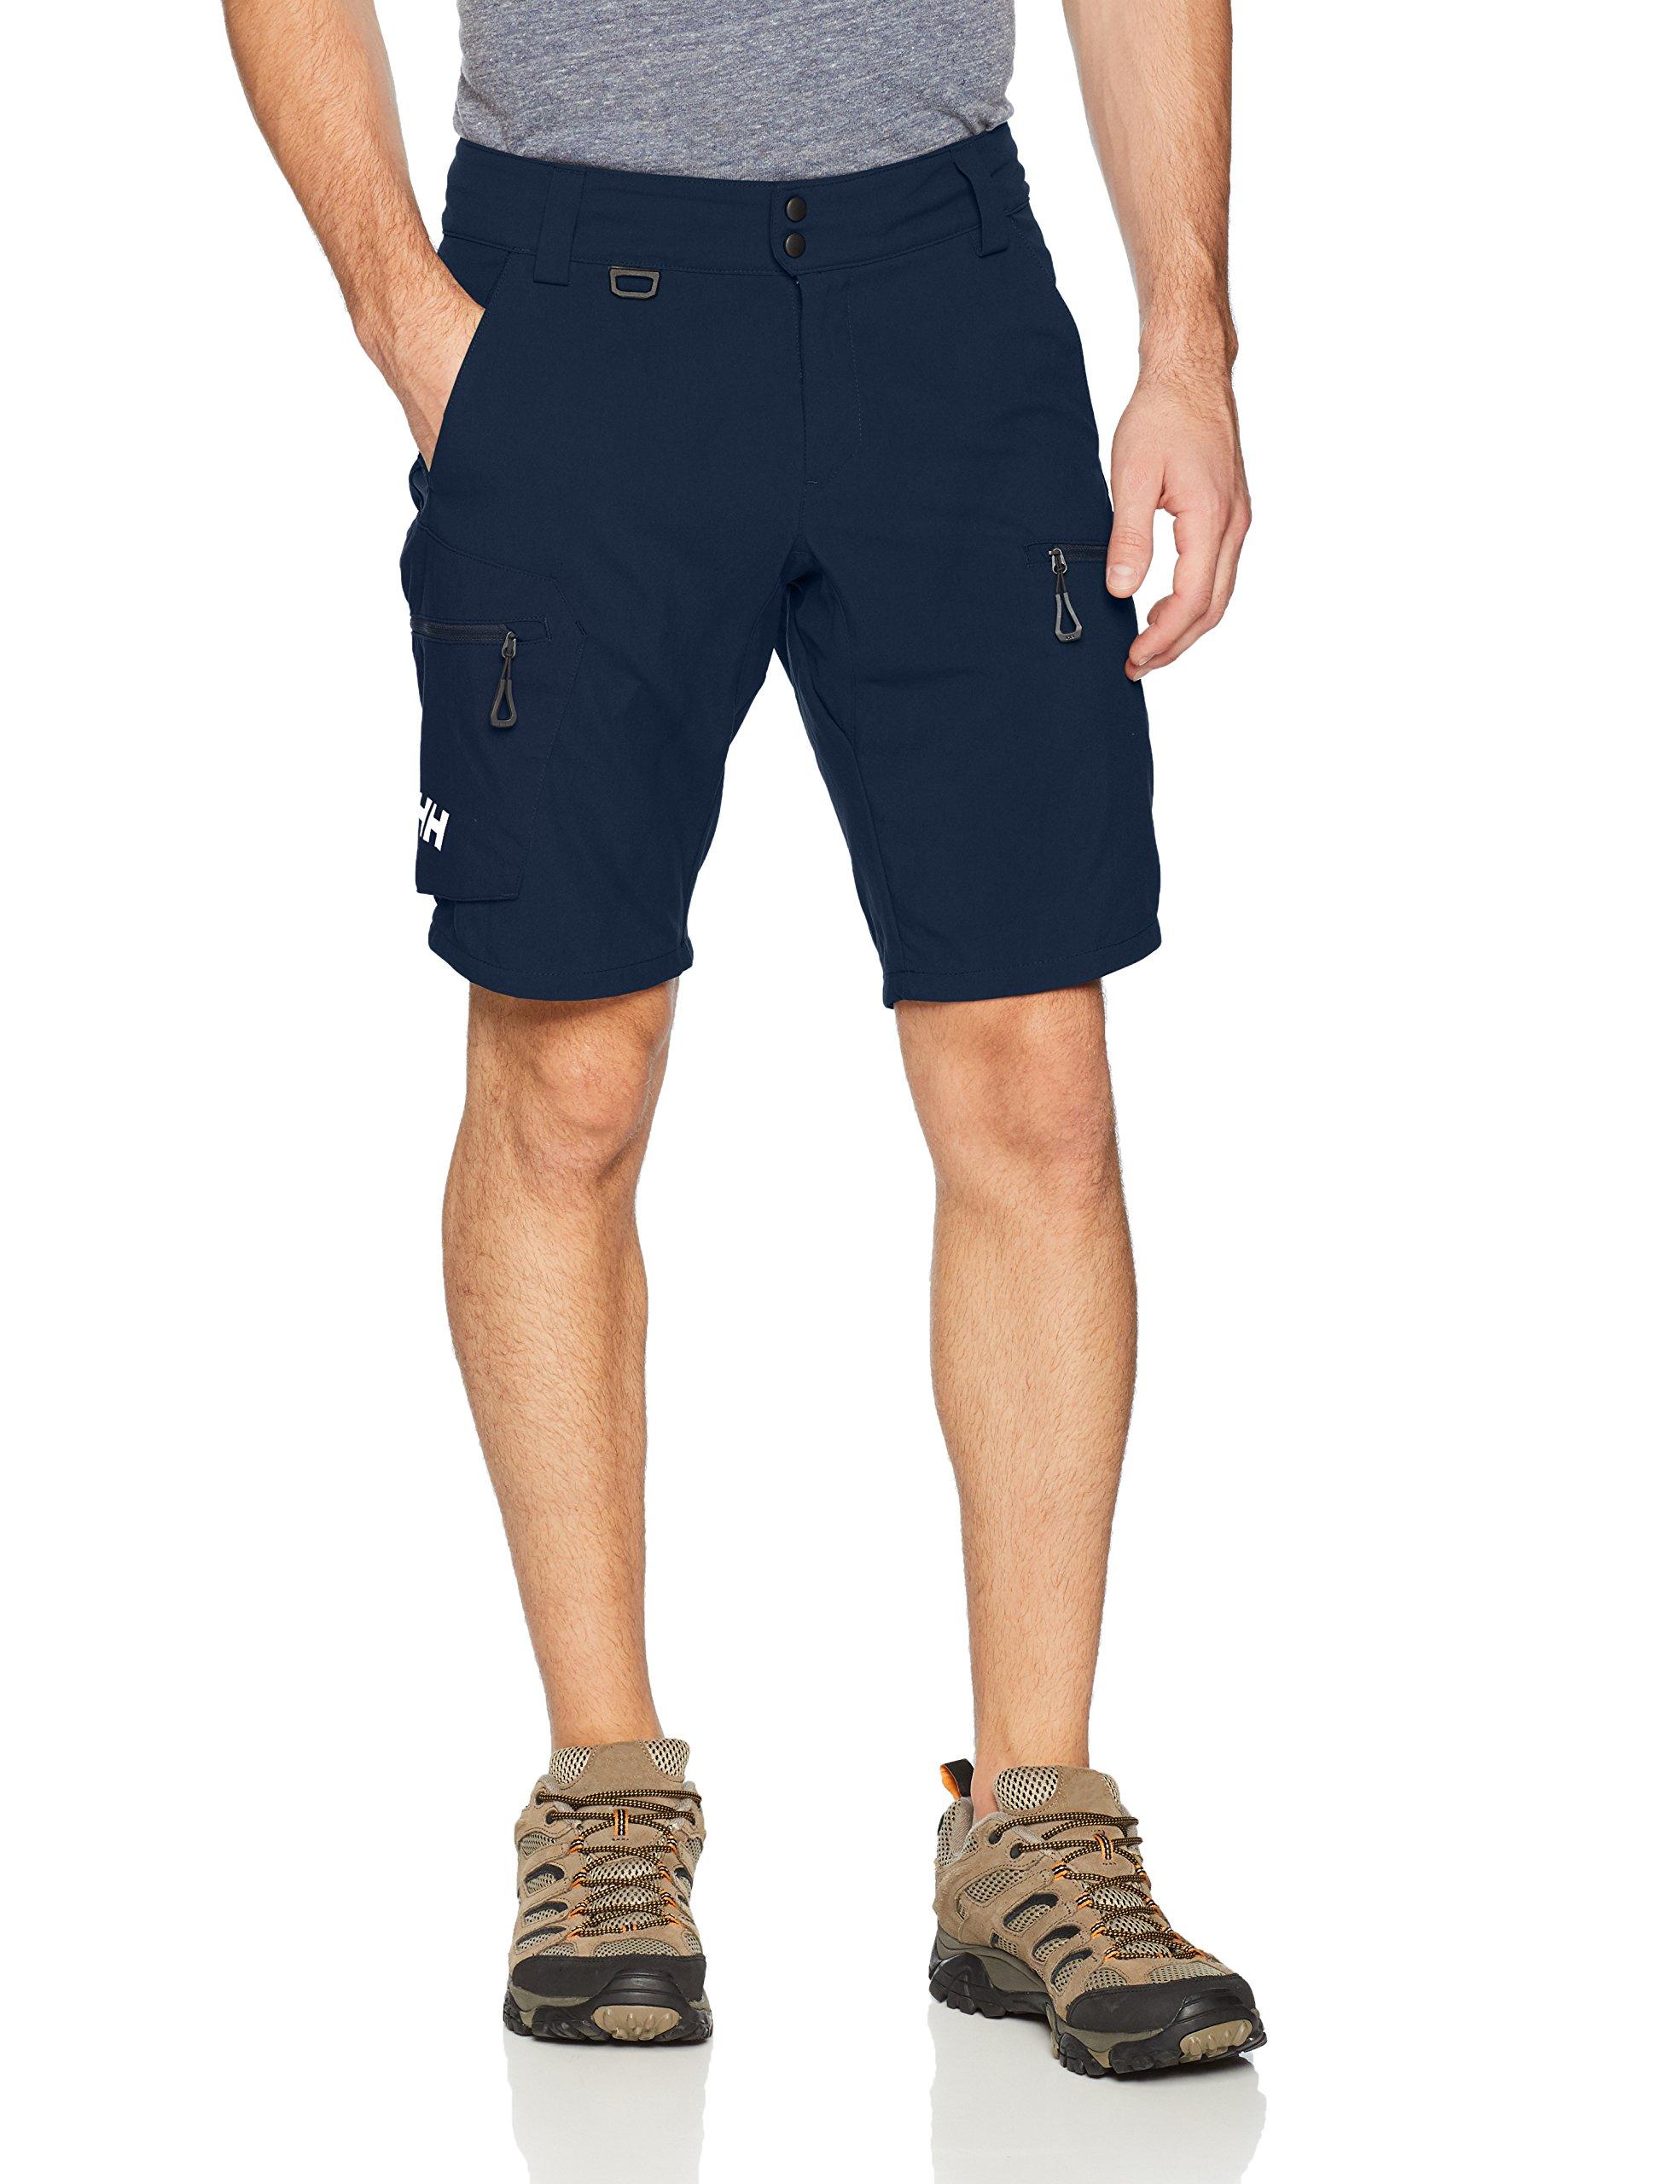 Helly Hansen Men's Crewline Cargo Shorts, Navy, Size 36